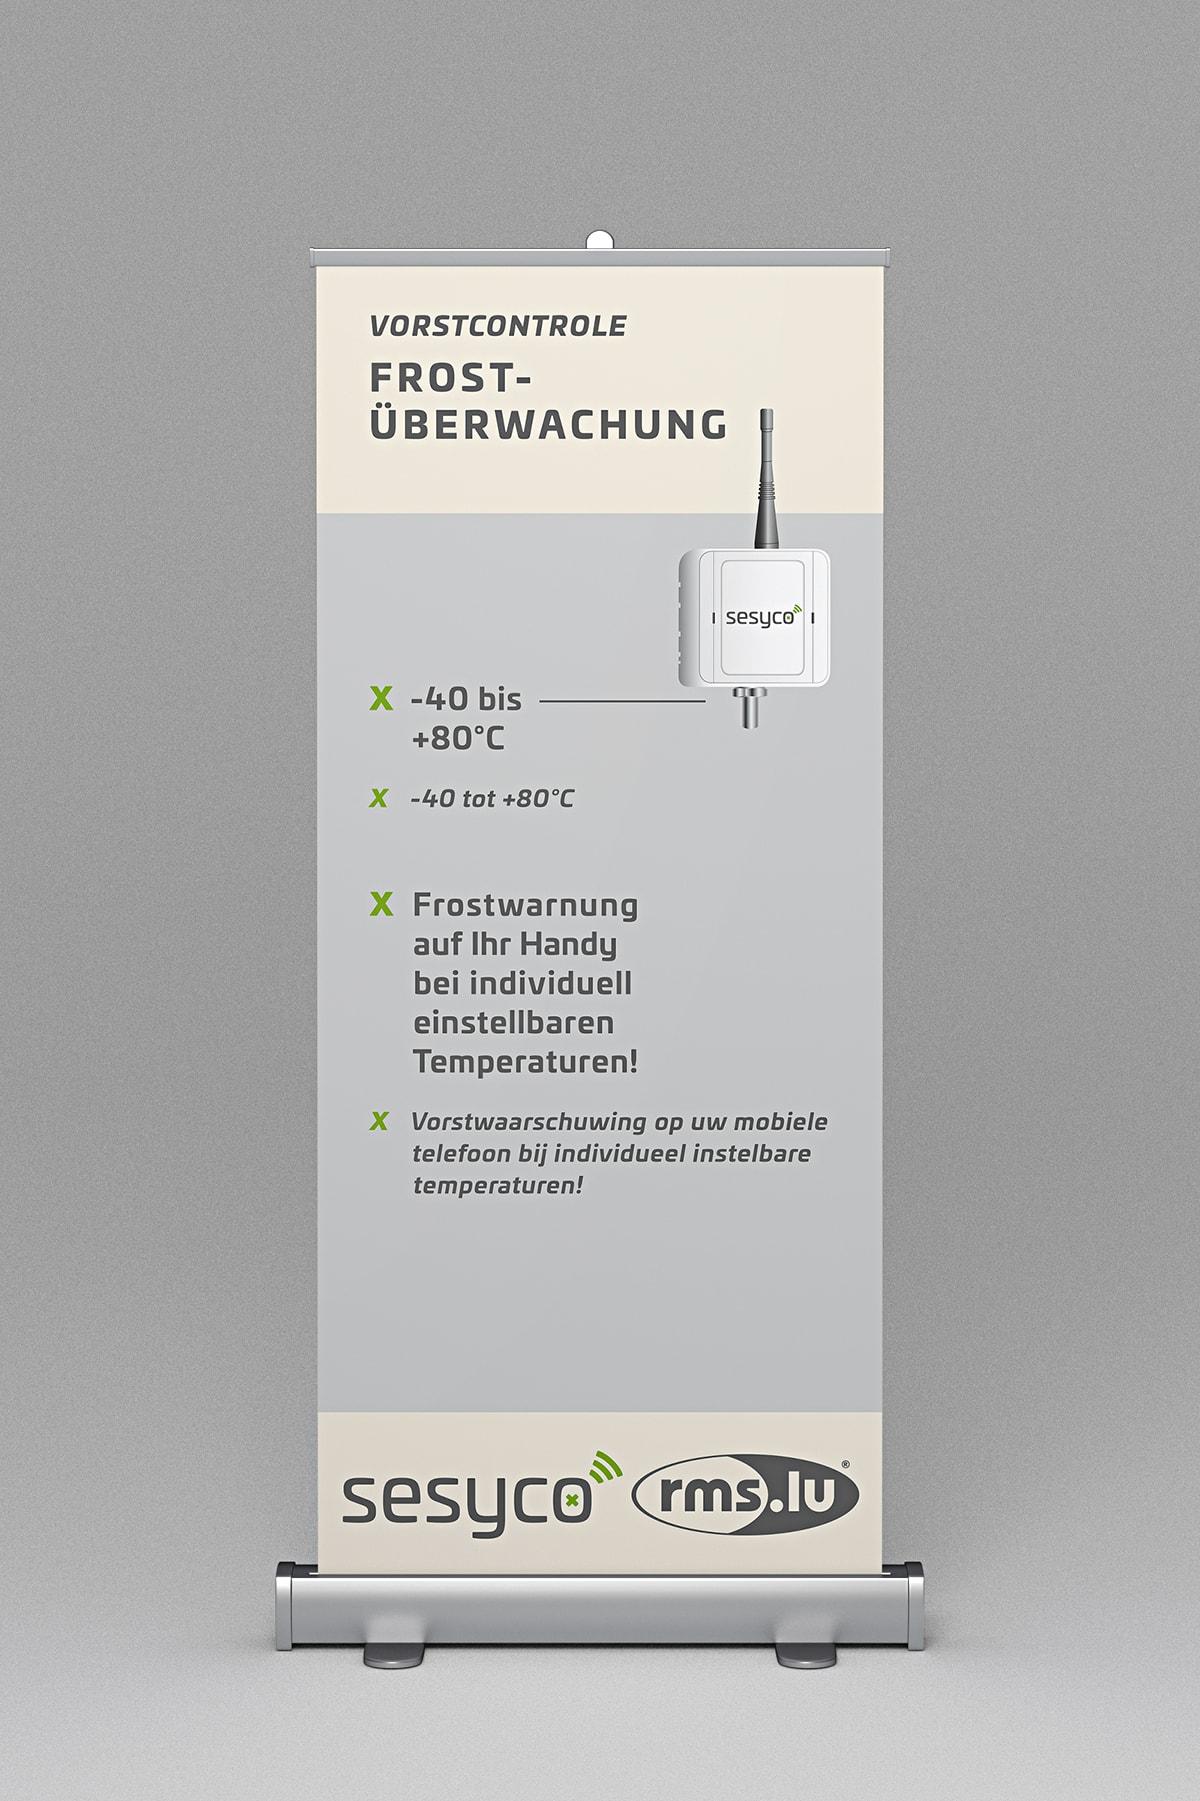 Branding/ Konzeptarbeit/ Corporate Design/ Rollup Displays/ sesyco – eine Marke der Rms.lu S.A. Luxemburg/ Brand Design/ Logo/ KERSTIN MICHELS – DESIGN/ Designagentur/ Werbeagentur/ Grafikdesign/ Kommunikationsdesign/ Hermeskeil / Hochwald/ Trier/ Rheinland-Pfalz/ Werbung/ Design